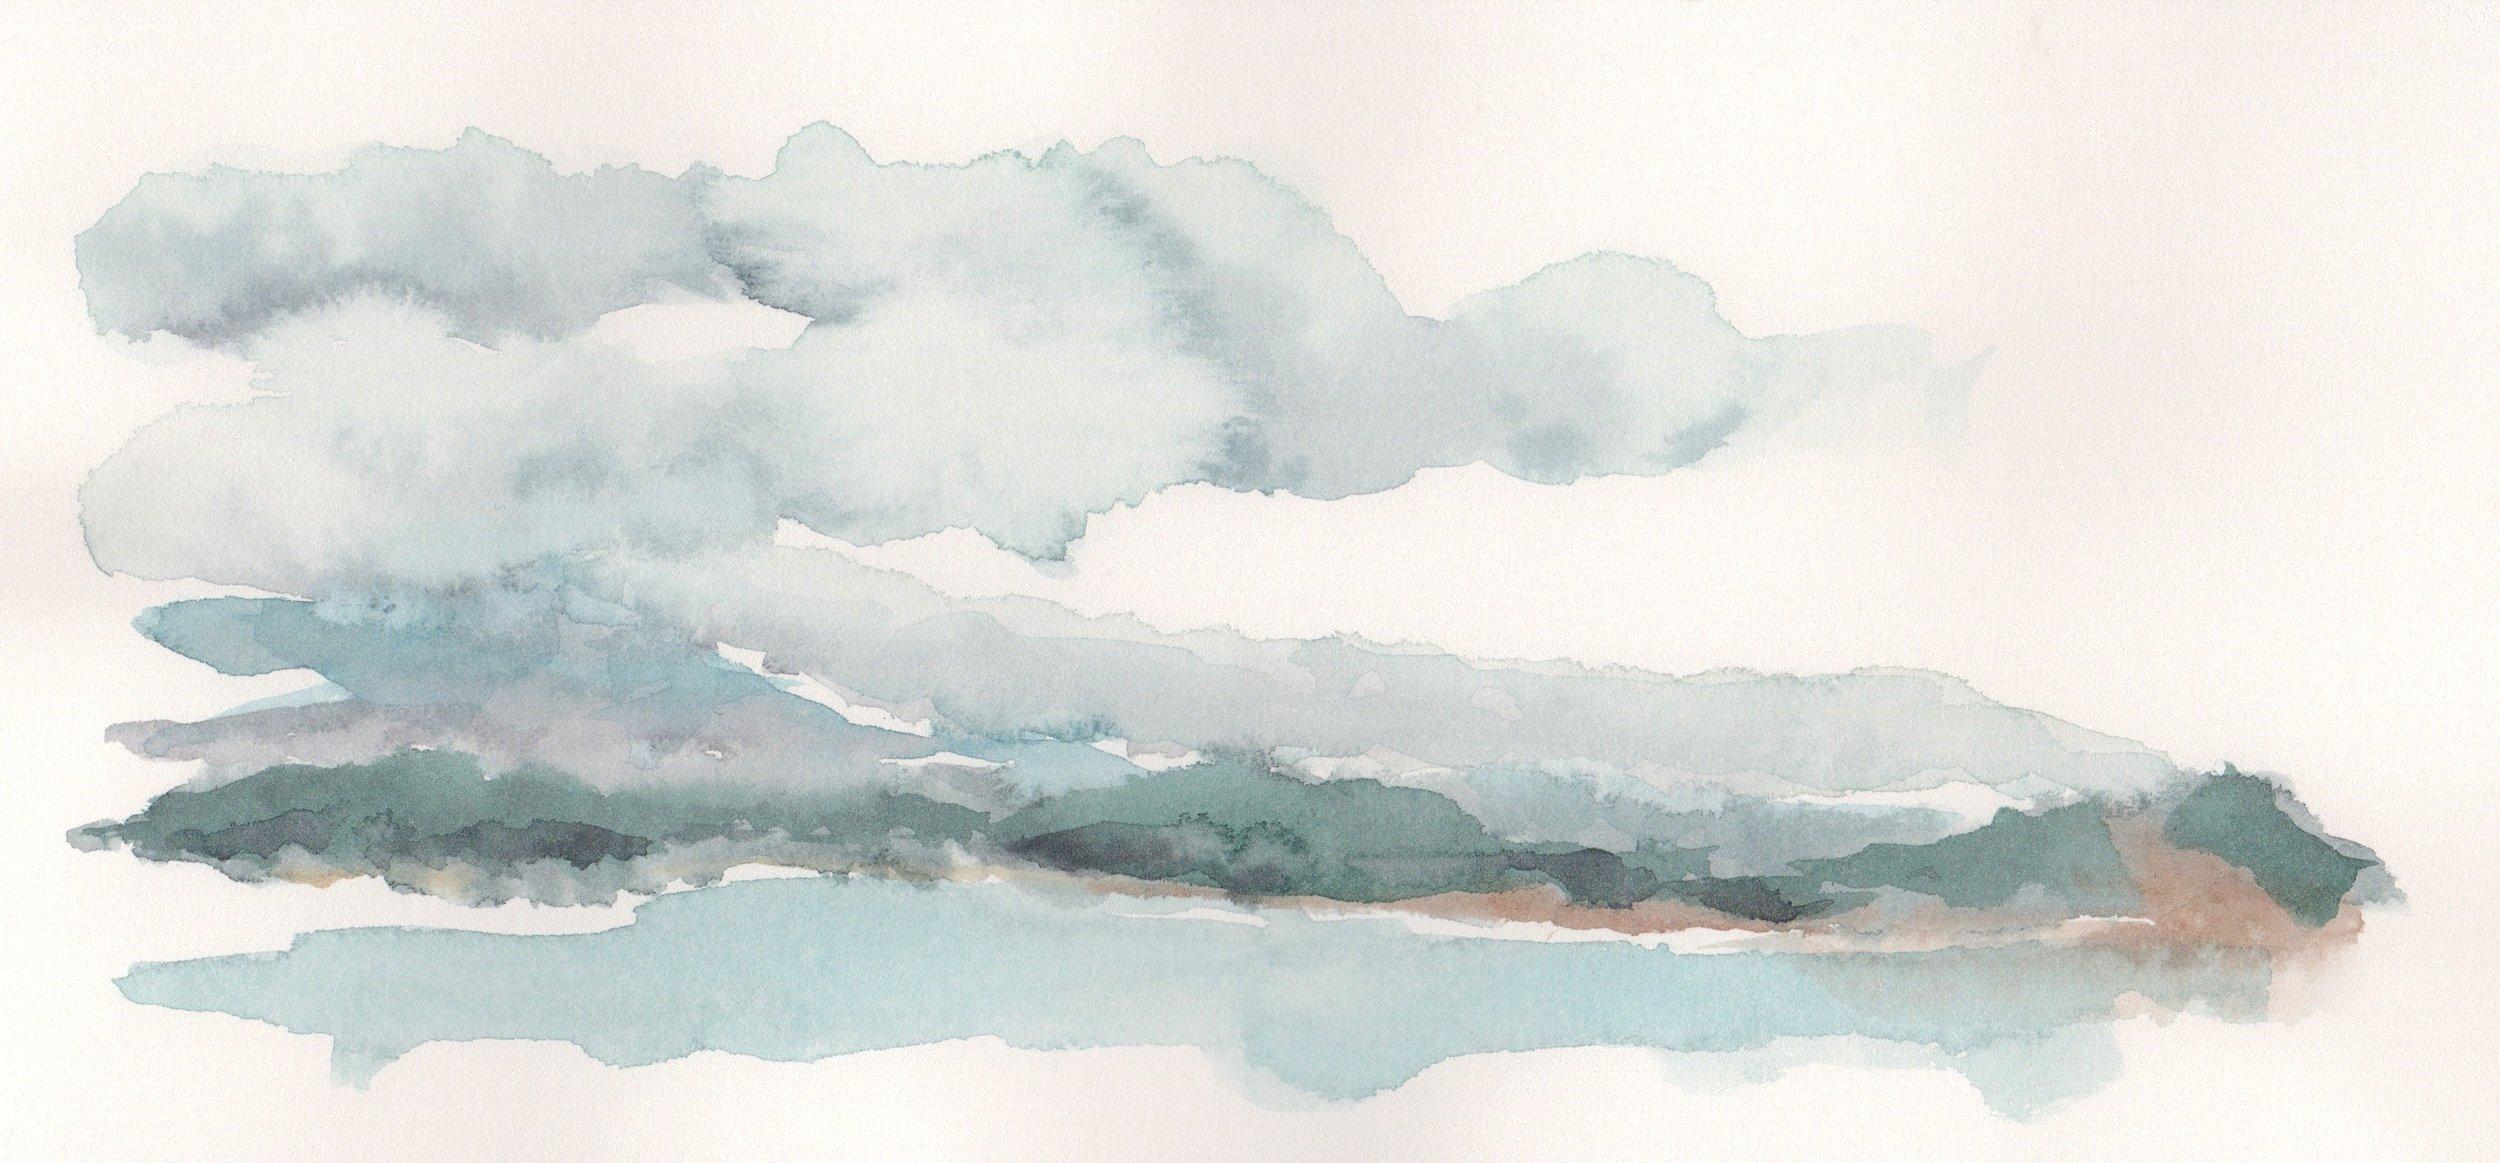 AlaskaWatercolor34.jpeg